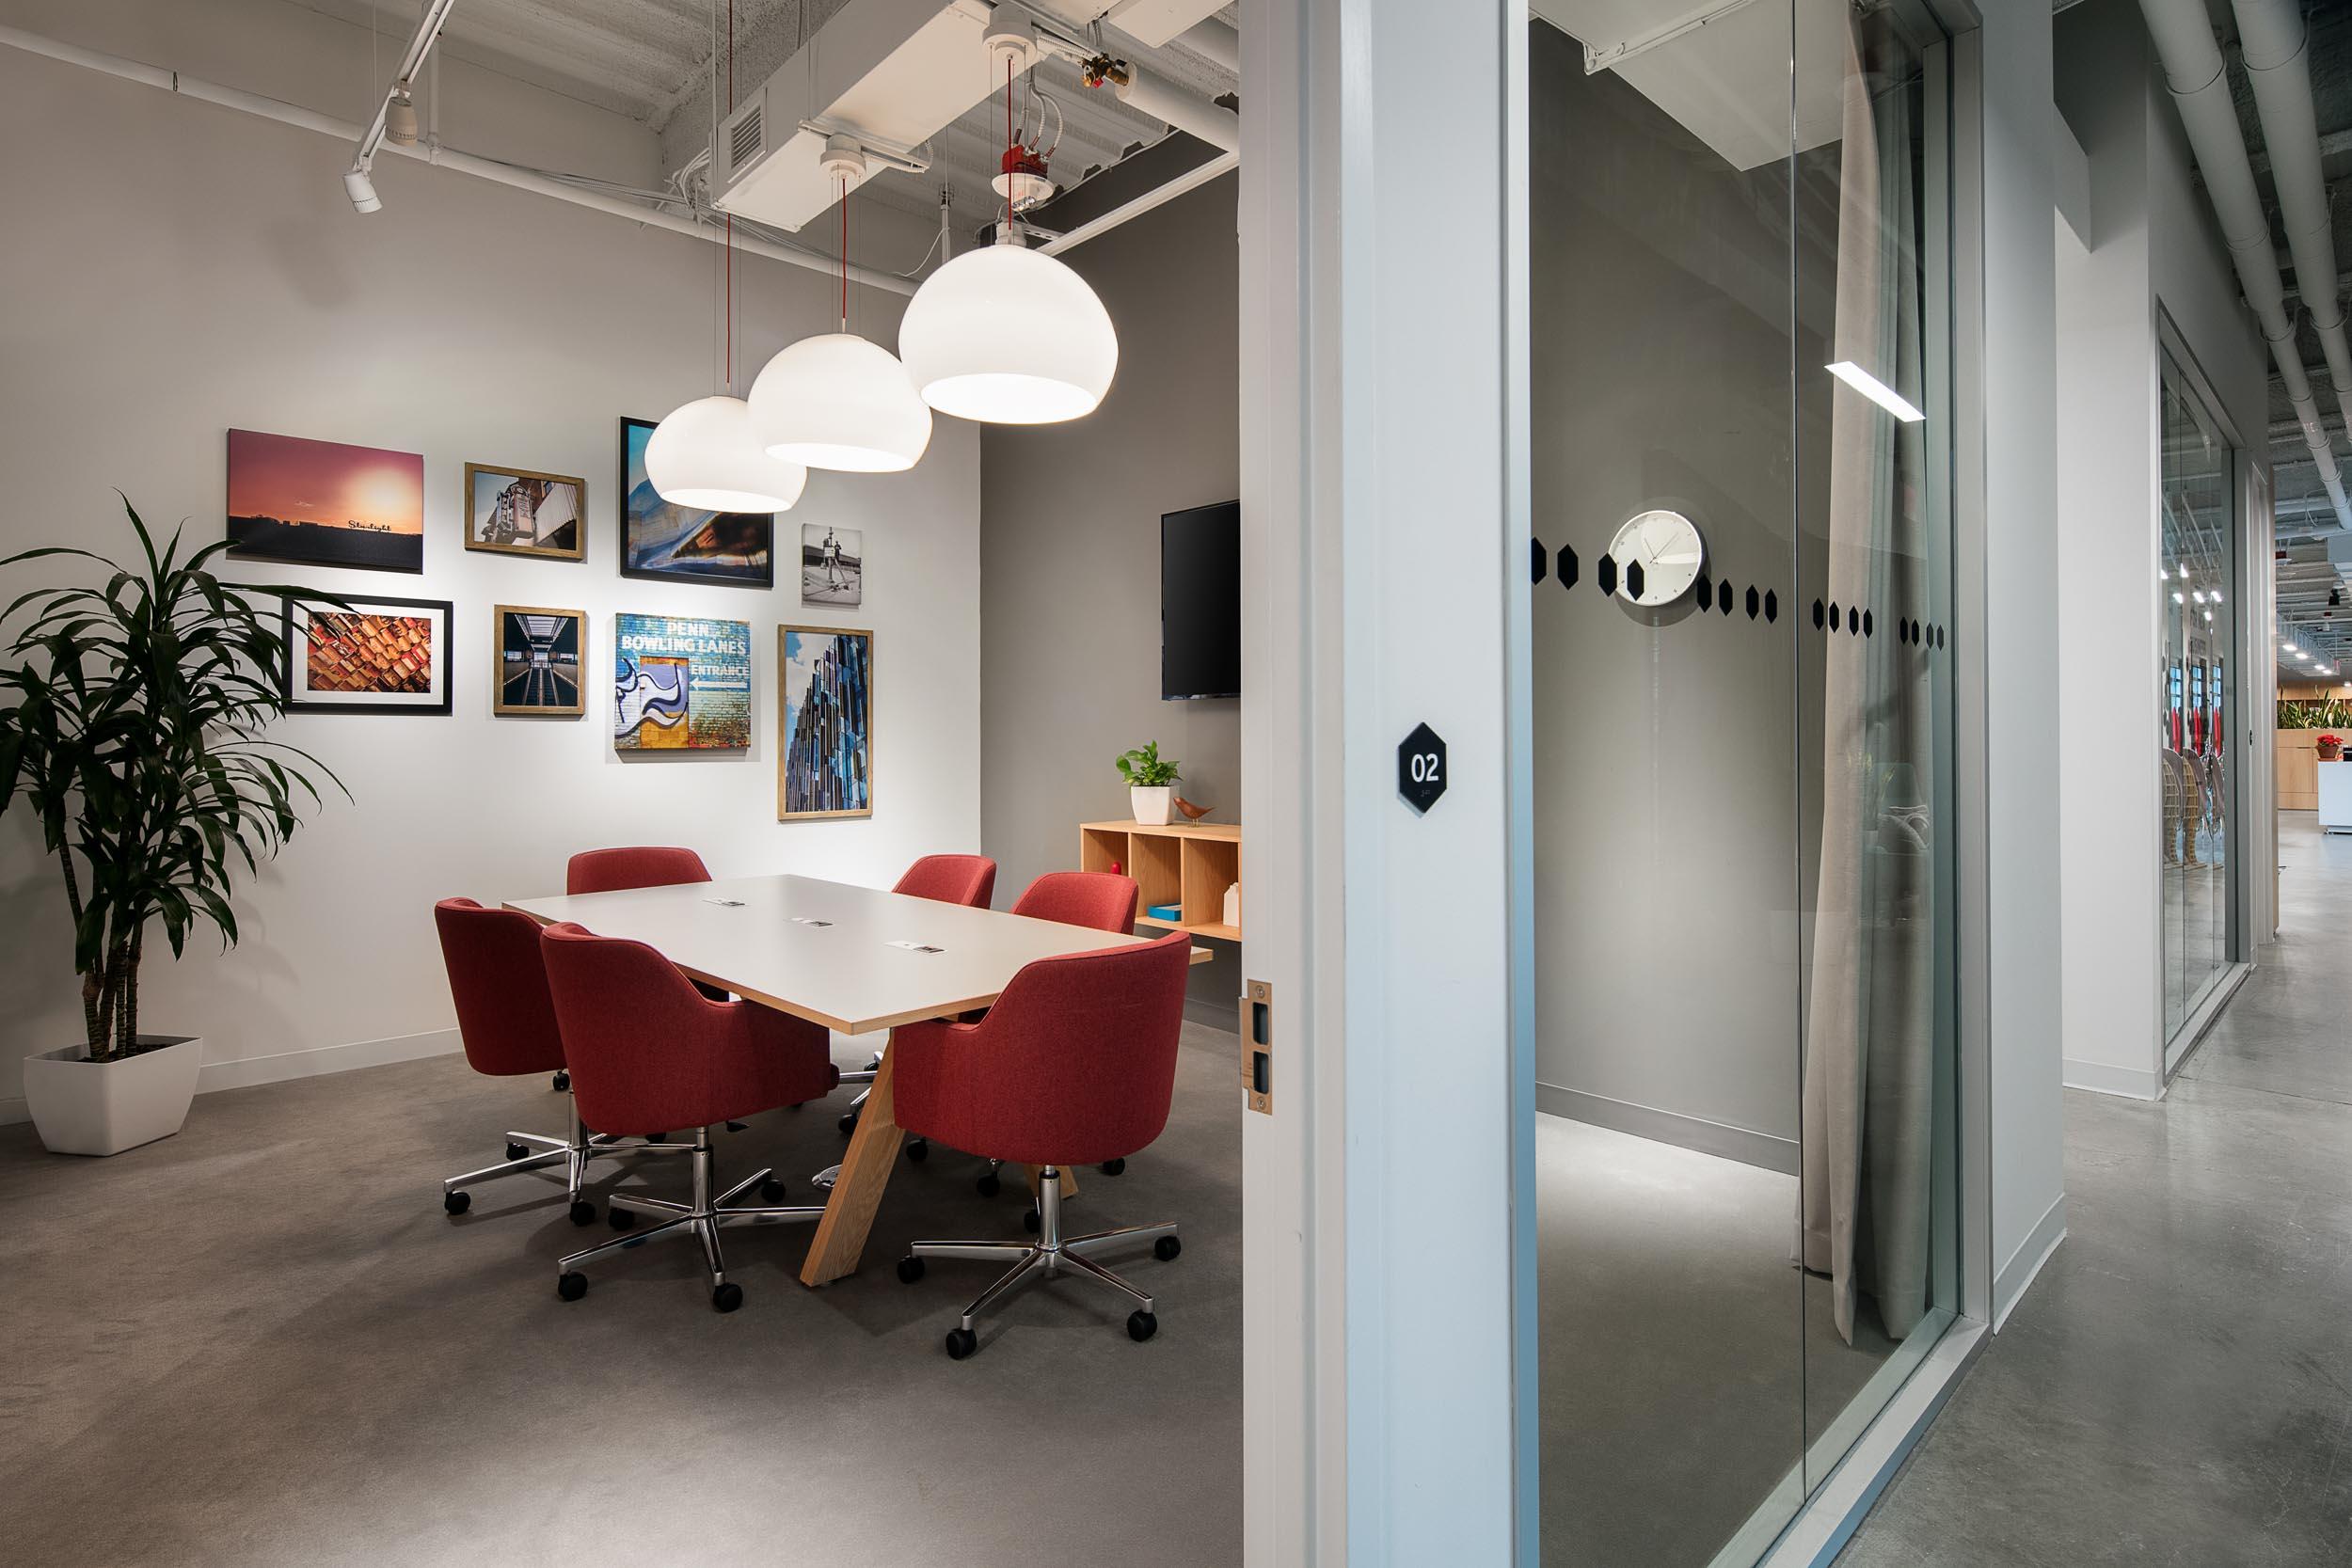 regus_spaces_office_workplace_coworking-2.jpg